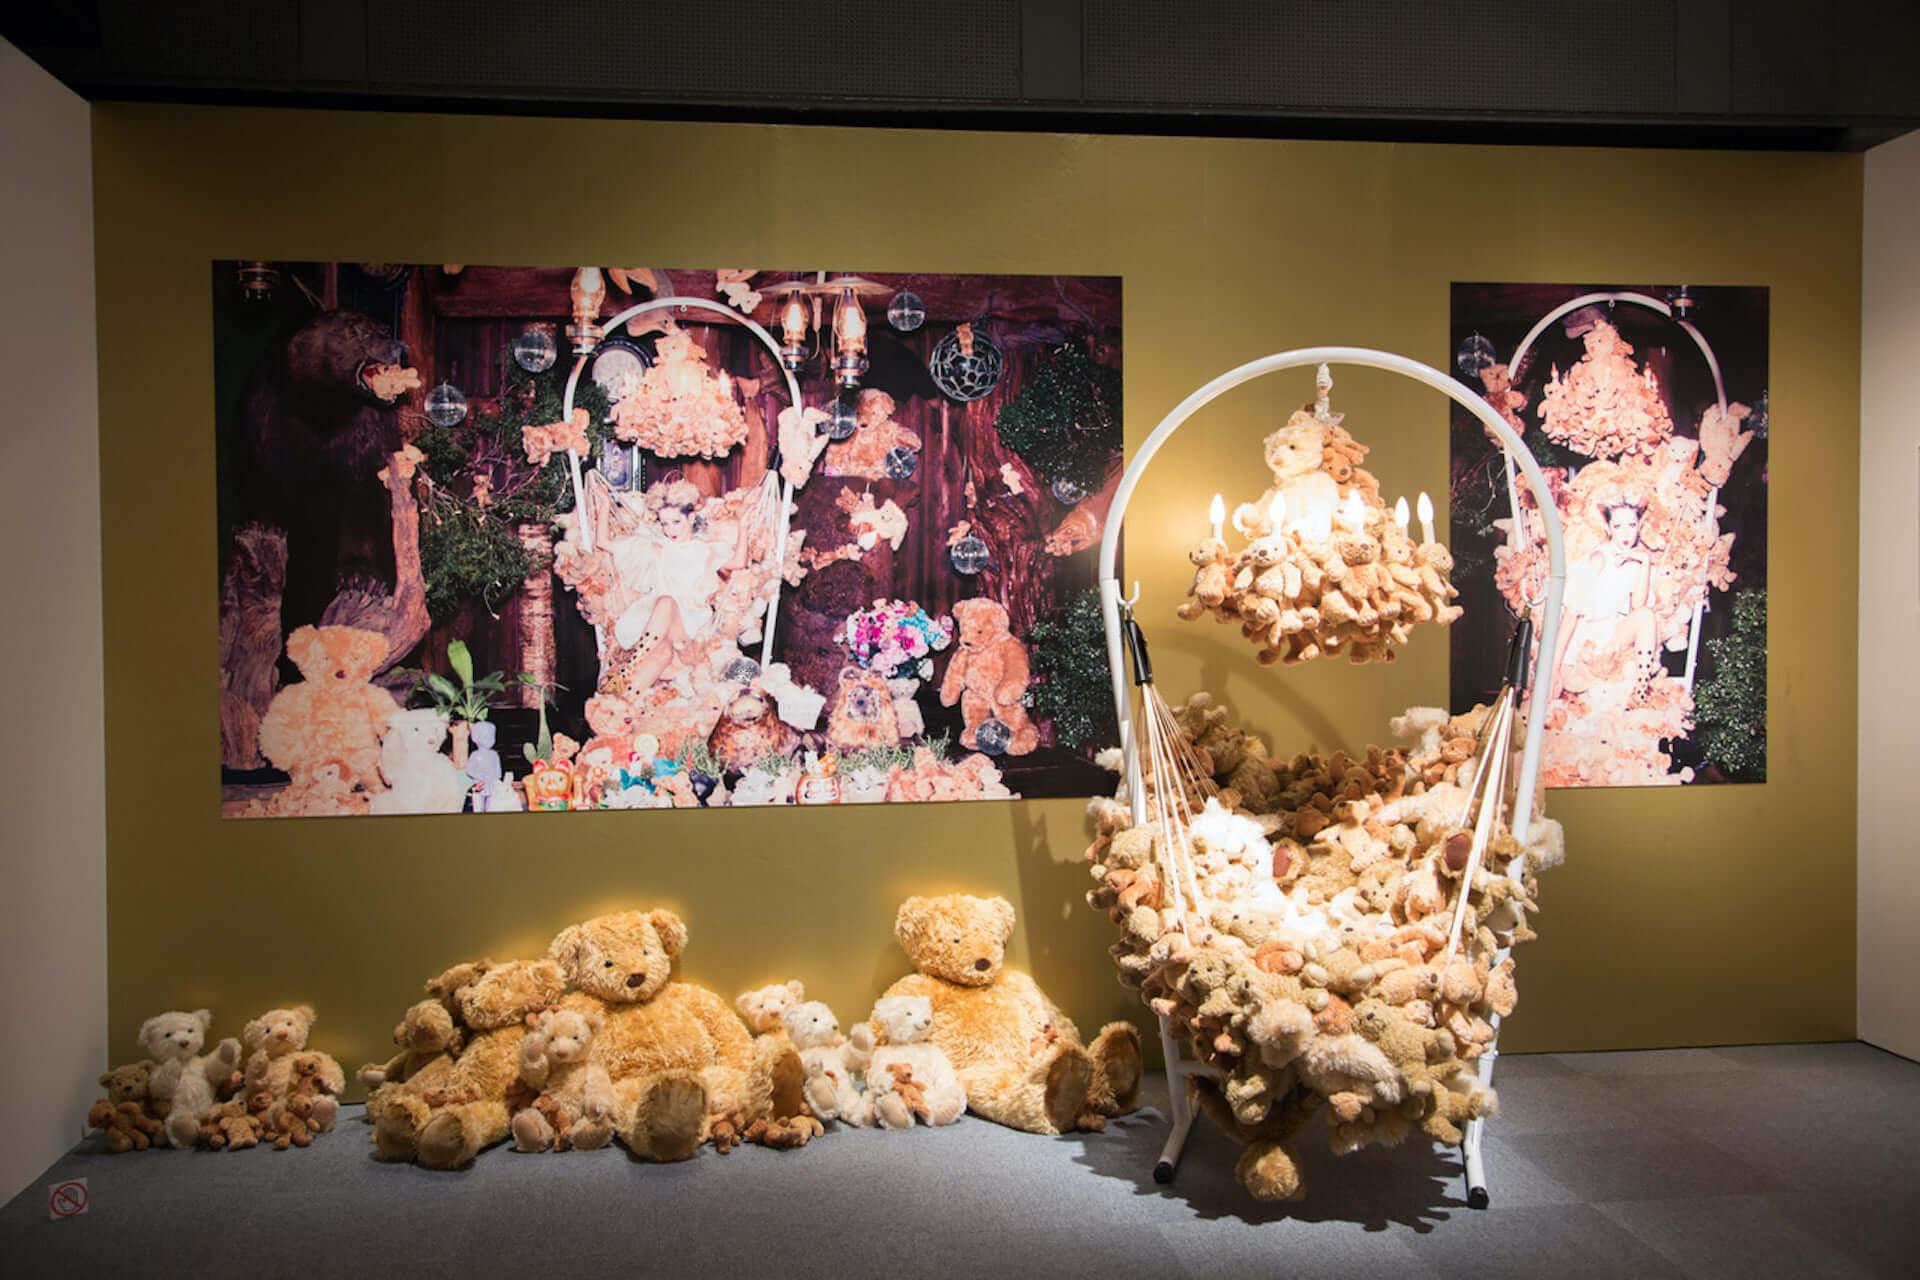 シャンデリアアーティスト、キム・ソンヘの活動15周年記念!渋谷PARCOにて展覧会<天国 − HEAVEN>が開催決定&公開制作も実施 art210118_kimsonghe_4-1920x1280